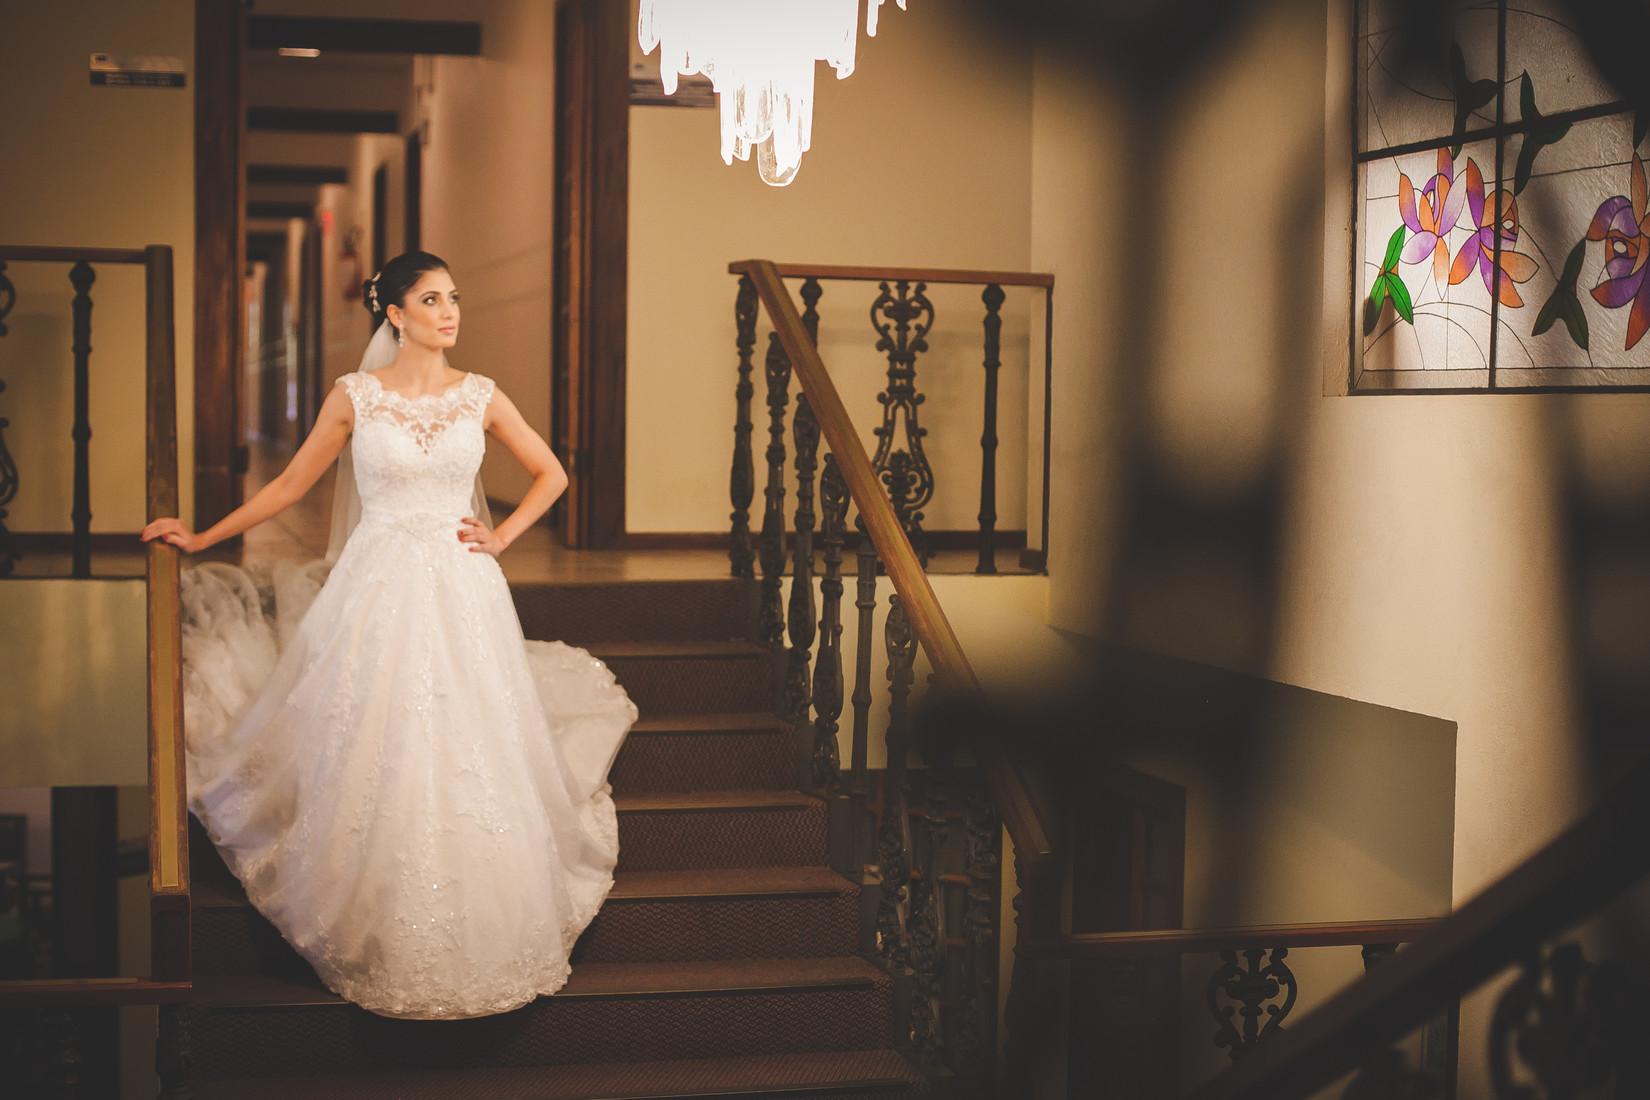 Contate Junior Schmitt - Fotografia de casamento em Florianópolis - SC